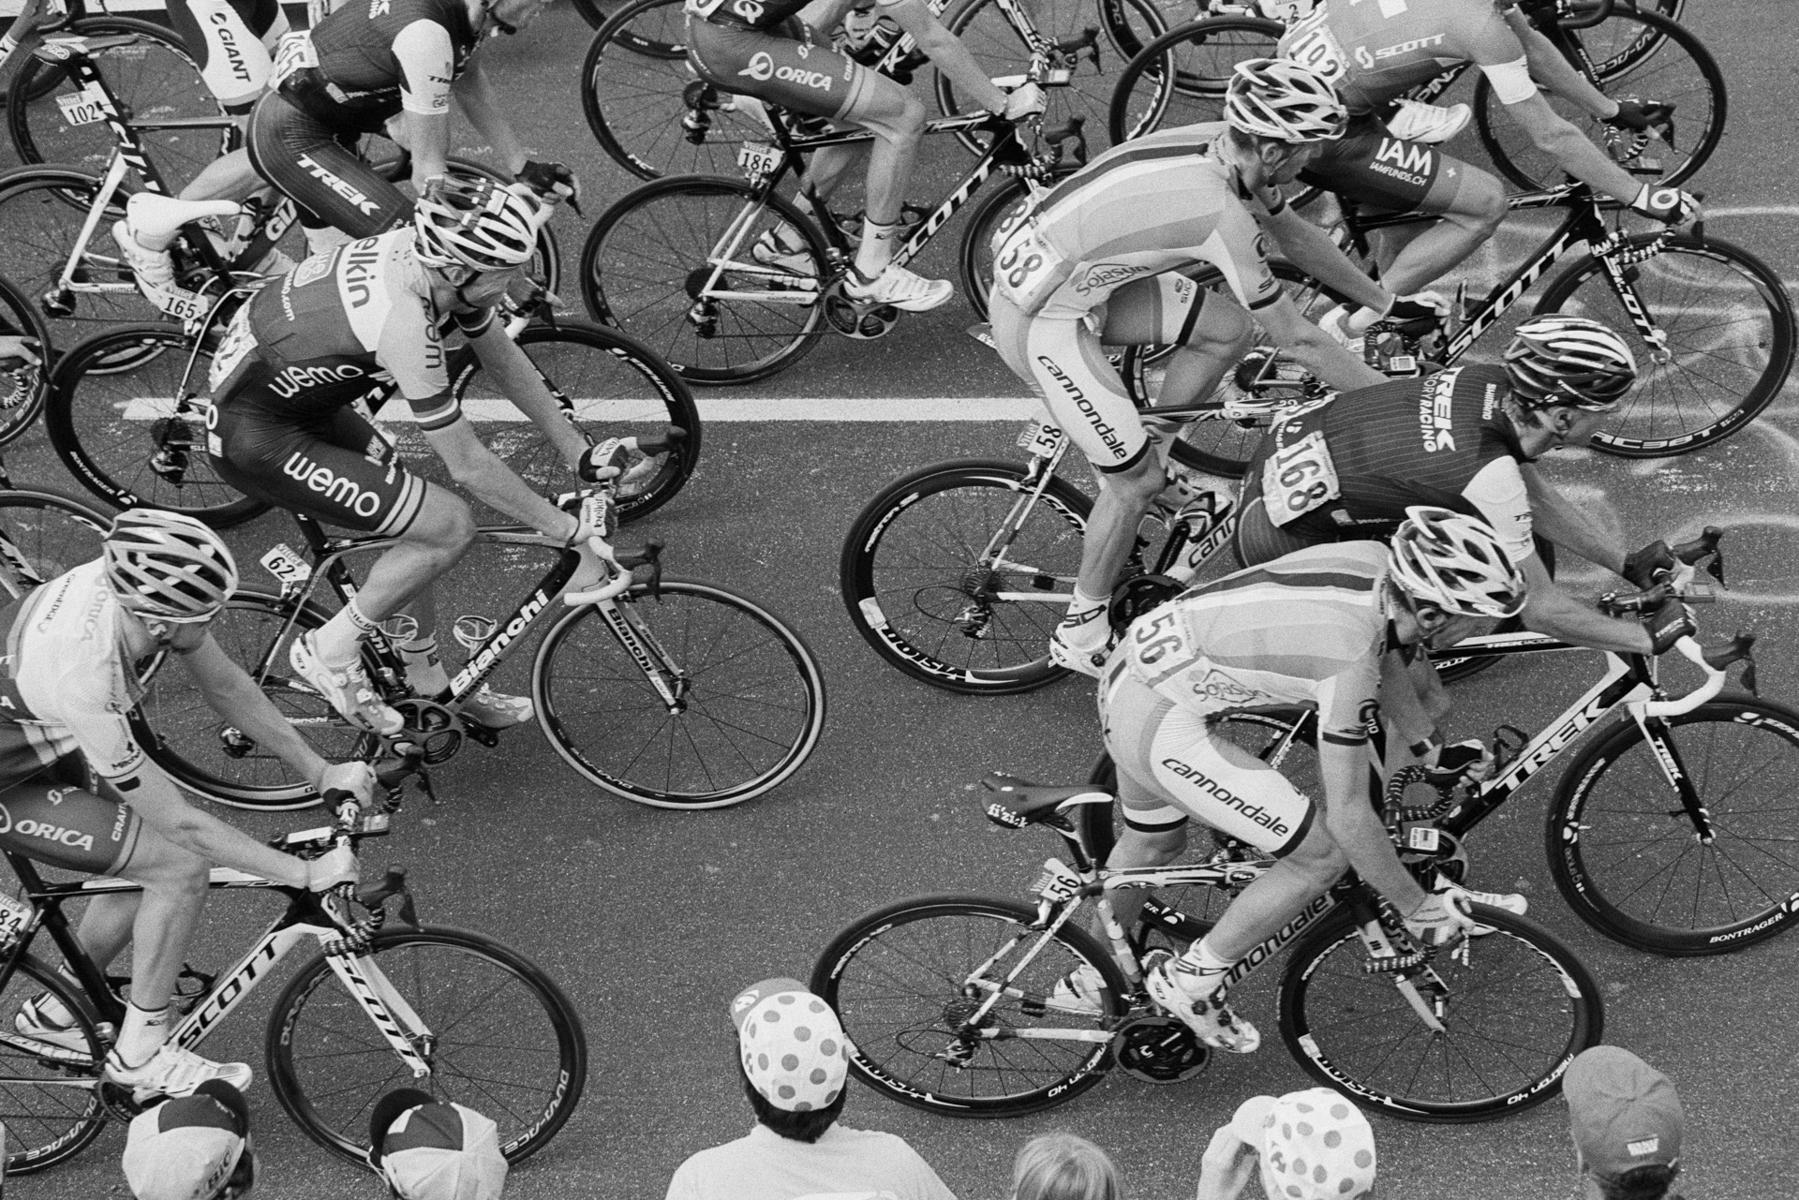 Le Tour de France 2014 The last about cyclists are rolling in a little slower, but people cheer them on during the last meters anyways. Les derniers coureurs du classement partent vers la fin, avec un peu plus de calme, mais les fans les applaudissent également jusqu'au dernier mètre. Die letzten Fahrer lassen es zum Ende hin etwas ruhiger angehen – aber die Fans feuern Sie dennoch an bis zum letzten Meter. A pesar de ser los últimos corredores que acaban la etapa, la gente los anima de todos modos hasta el último metro.